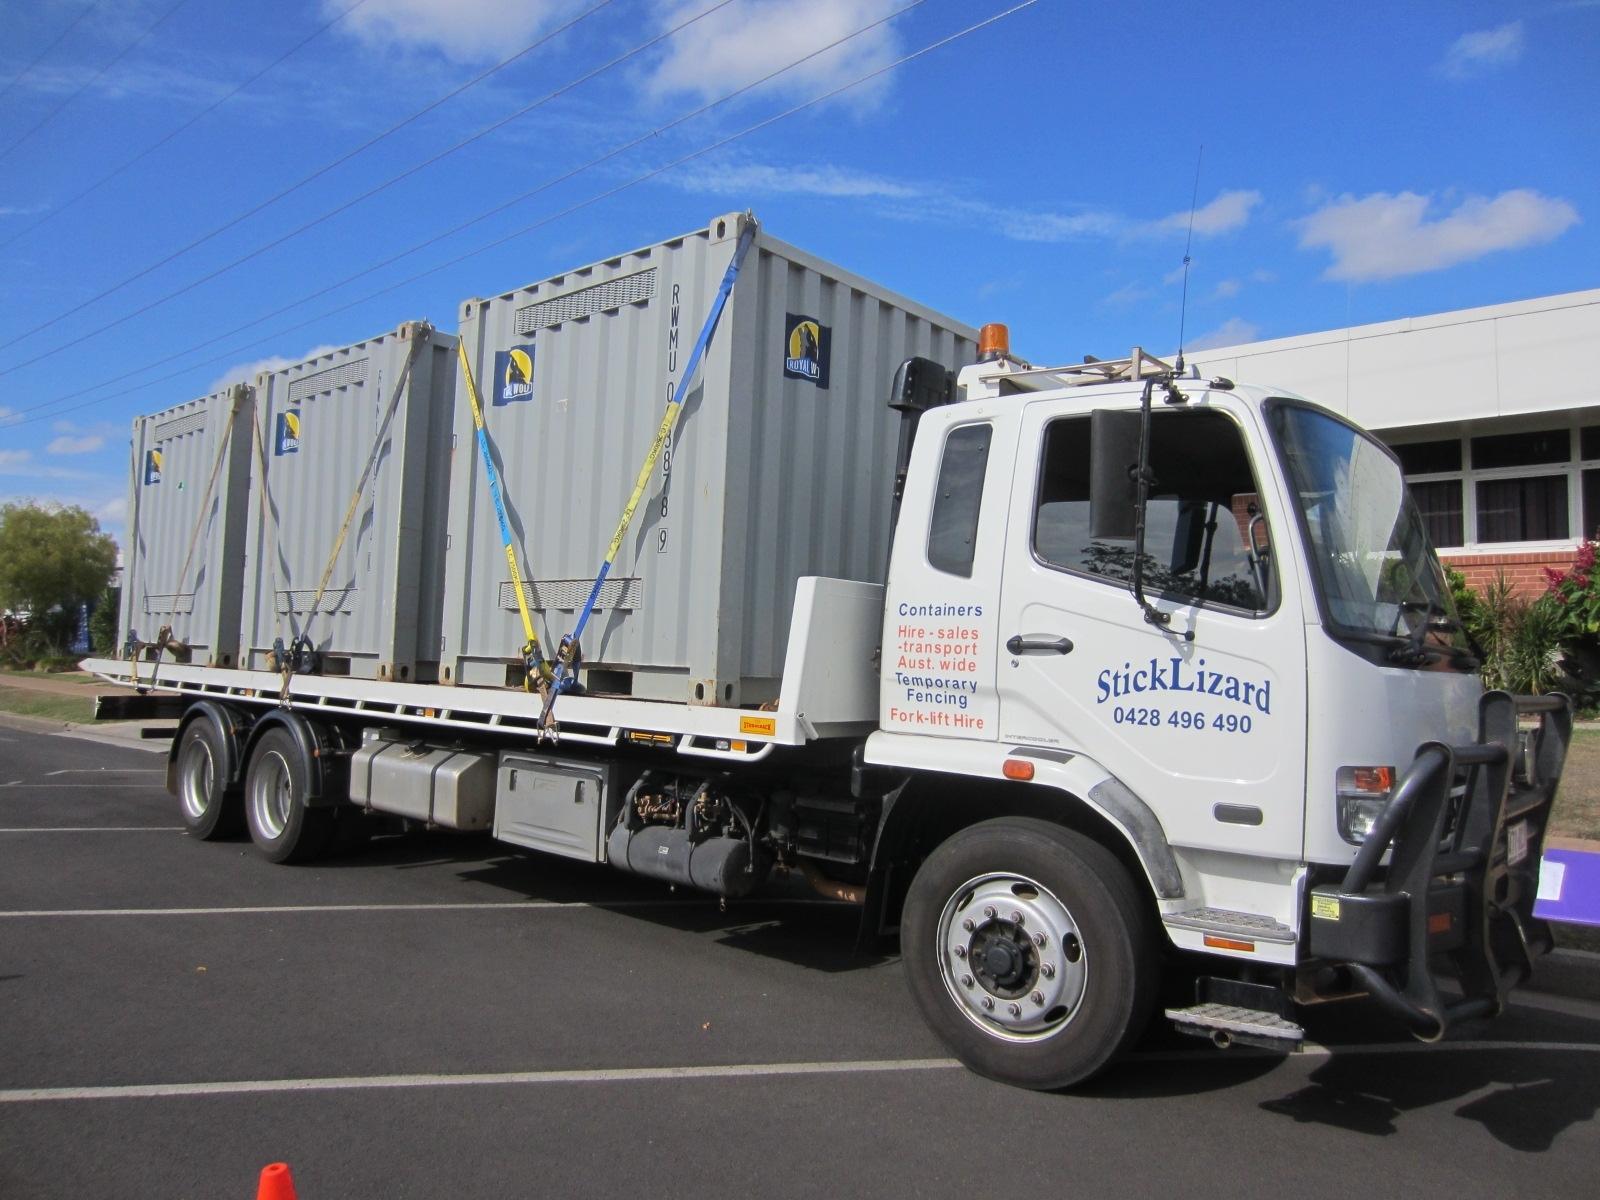 Minicube (8\') container transport